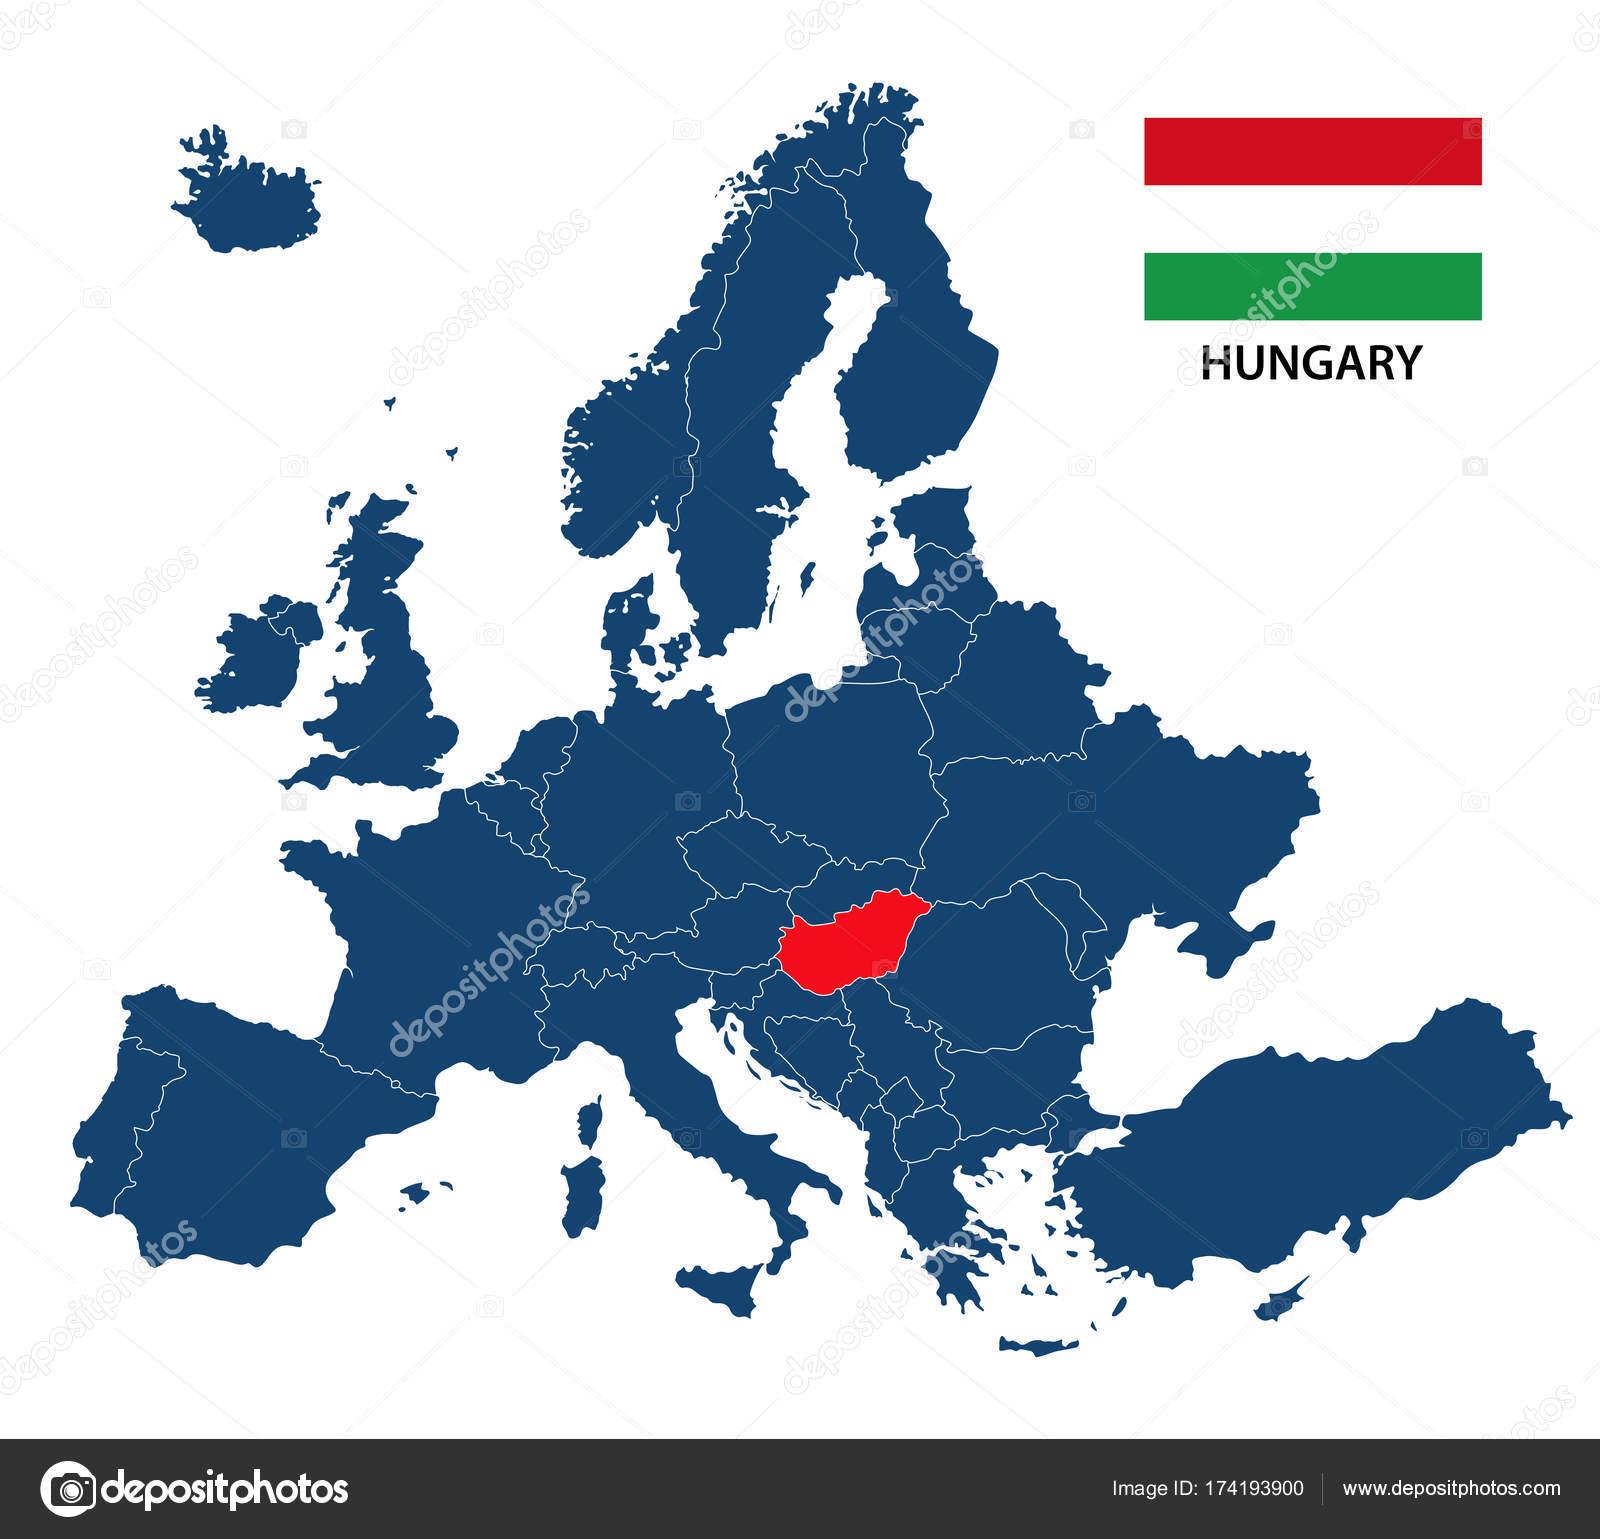 magyarország európa térkép Vektoros illusztráció a Térkép Európa Kiemelt Magyarország és a  magyarország európa térkép